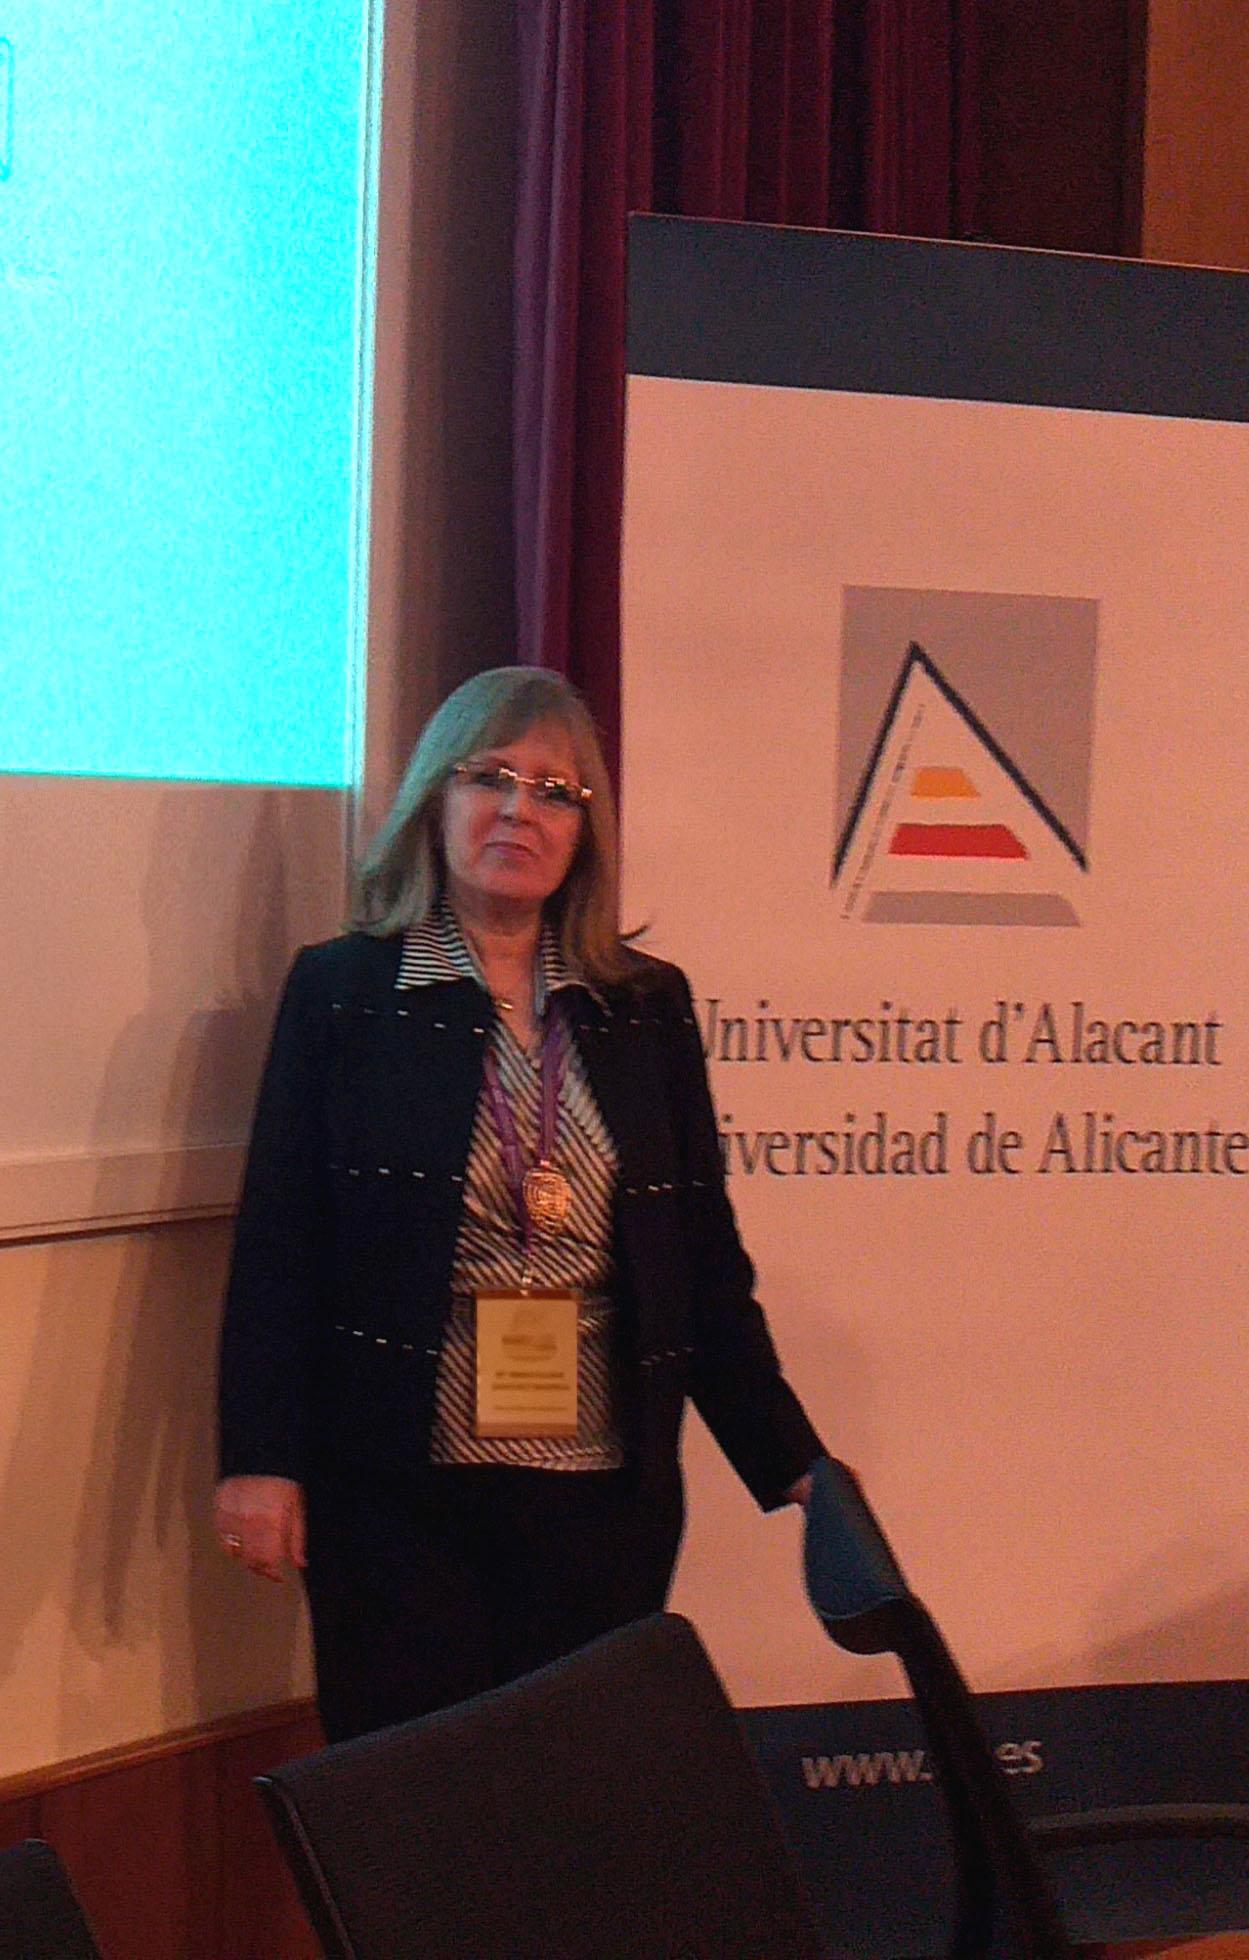 La USAL participa en el XII Encuentro de unidades de Igualdad de las universidades españolas